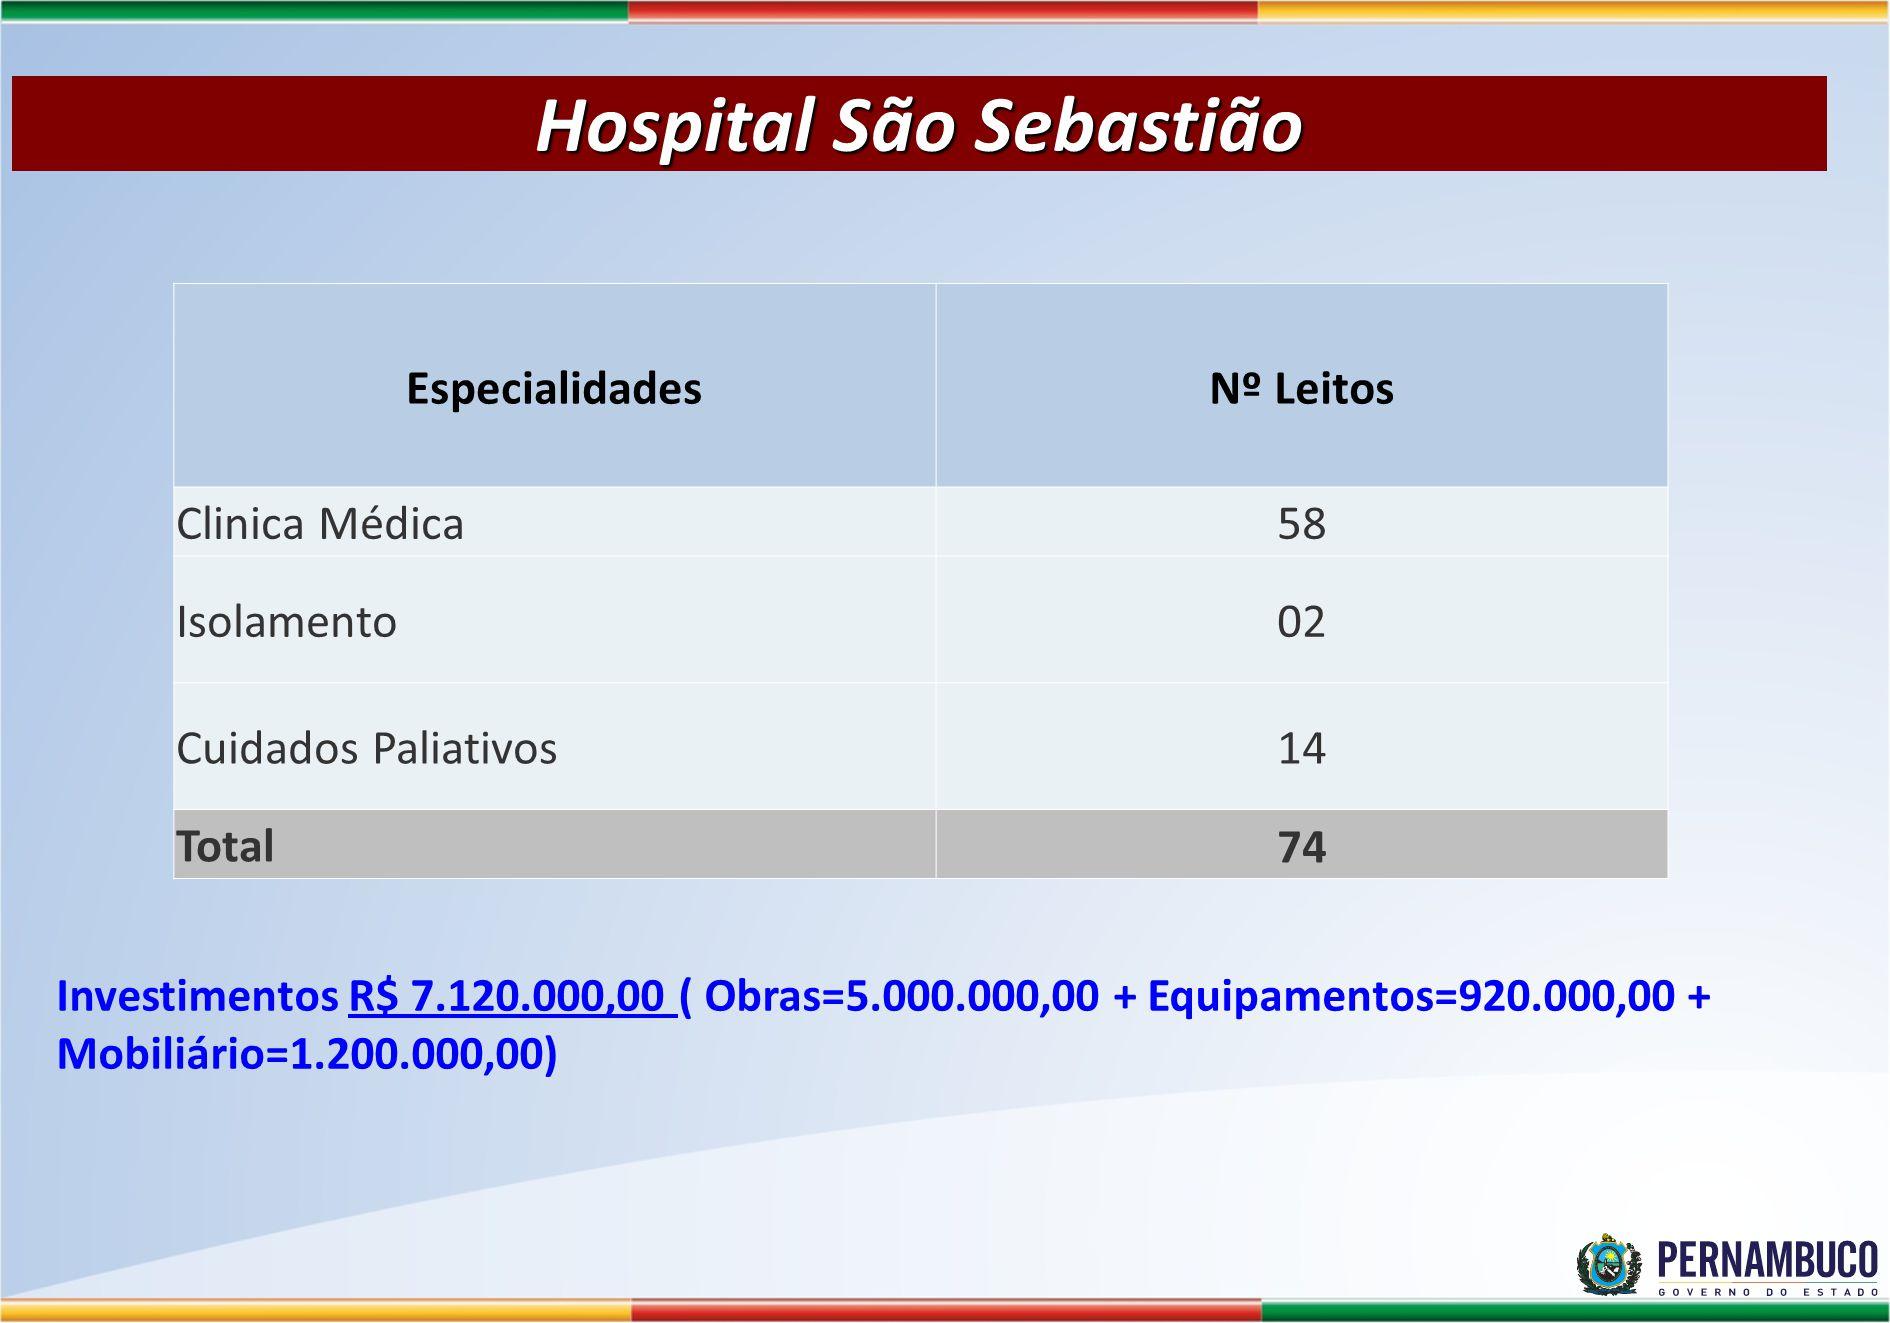 Hospital São Sebastião EspecialidadesNº Leitos Clinica Médica58 Isolamento02 Cuidados Paliativos14 Total74 Investimentos R$ 7.120.000,00 ( Obras=5.000